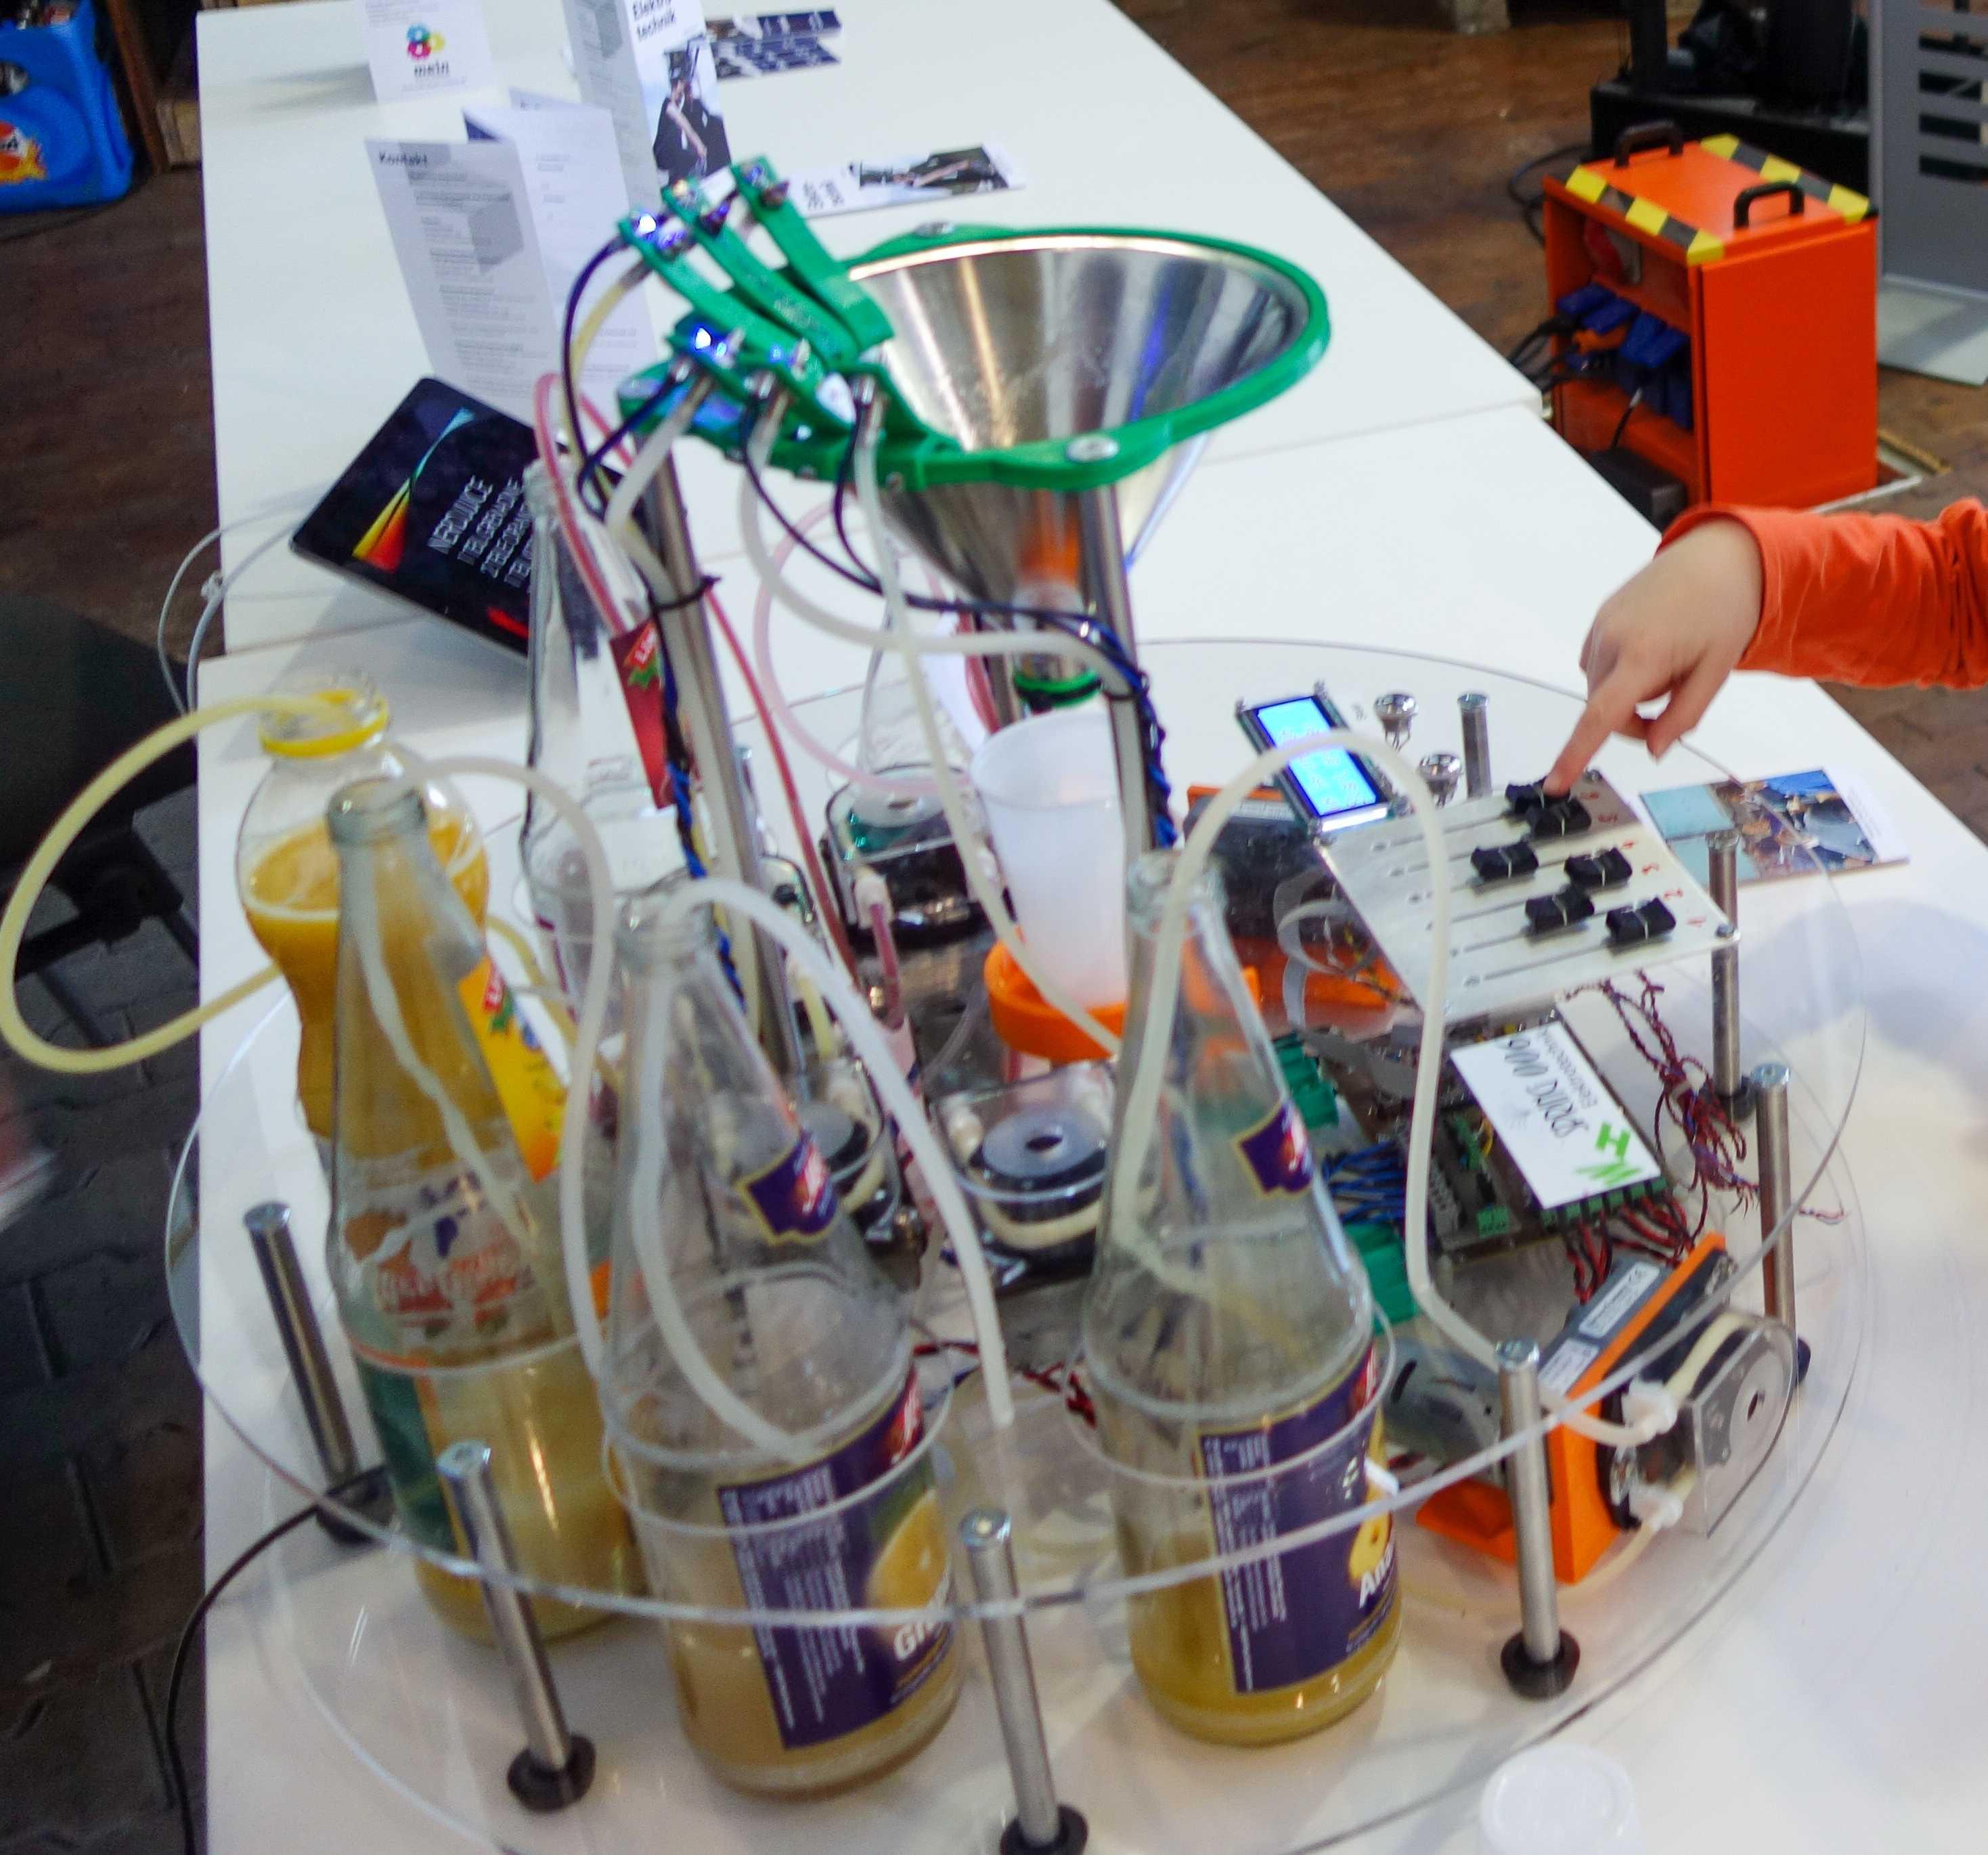 Eine Maschine mit vielen Schläuchen und Flaschen.